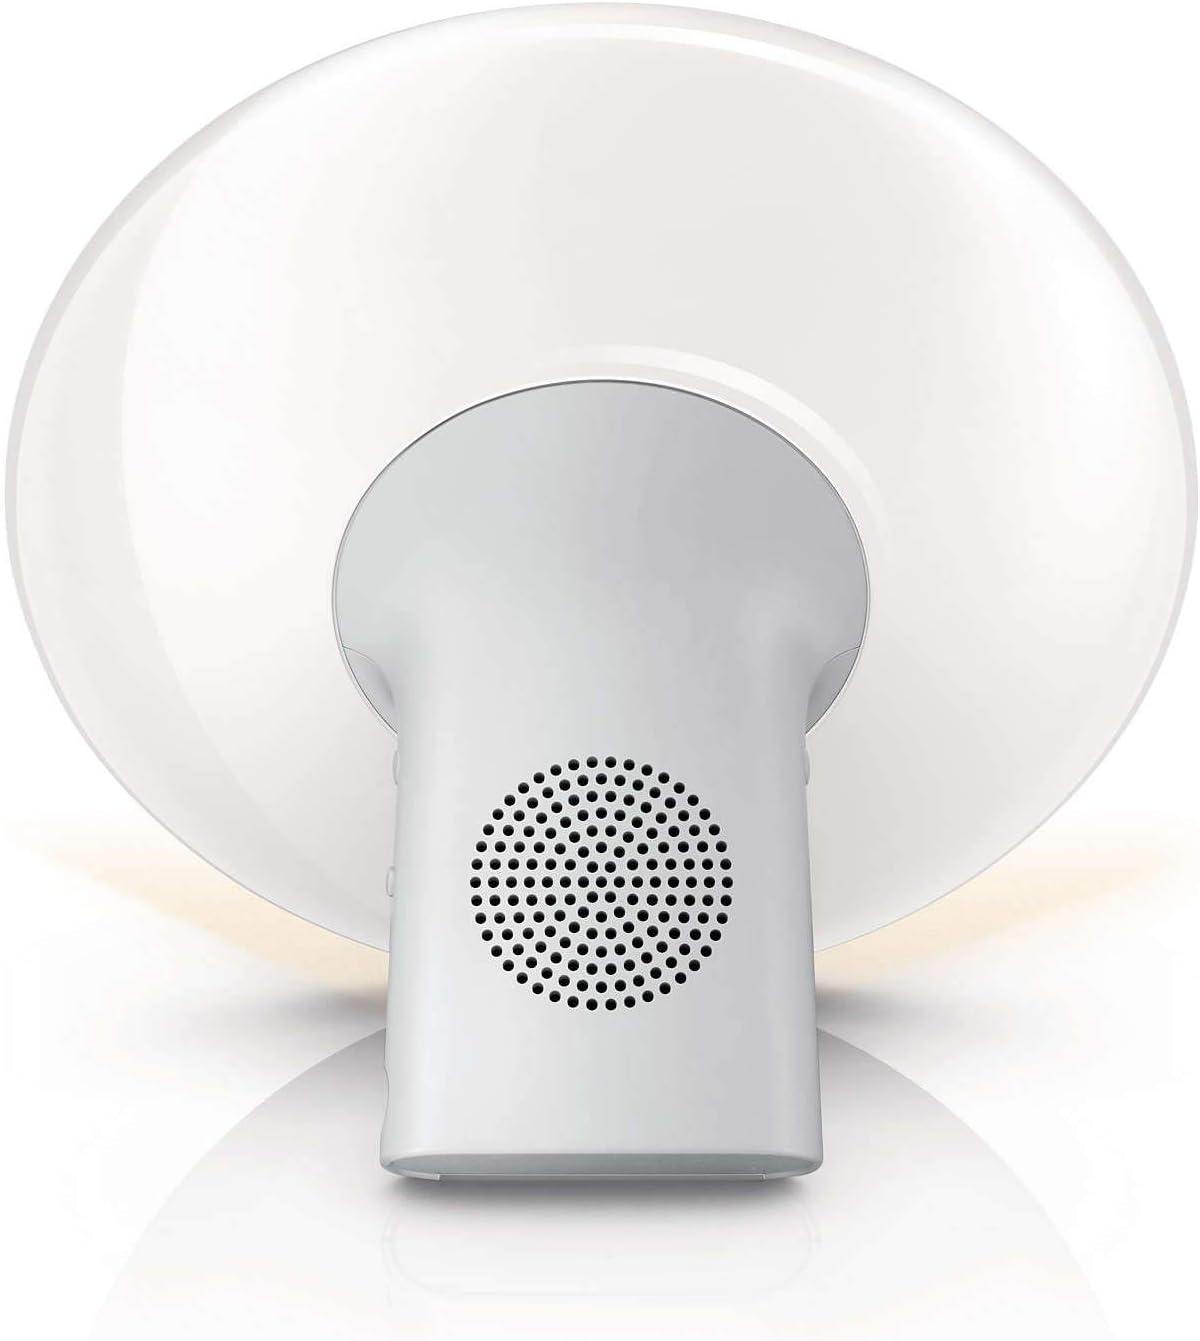 /Projektor Umwelt Philips HF3500//01/Lichttherapie/ Aufwachlicht, LED, gelb, Umwelt, China, gelb